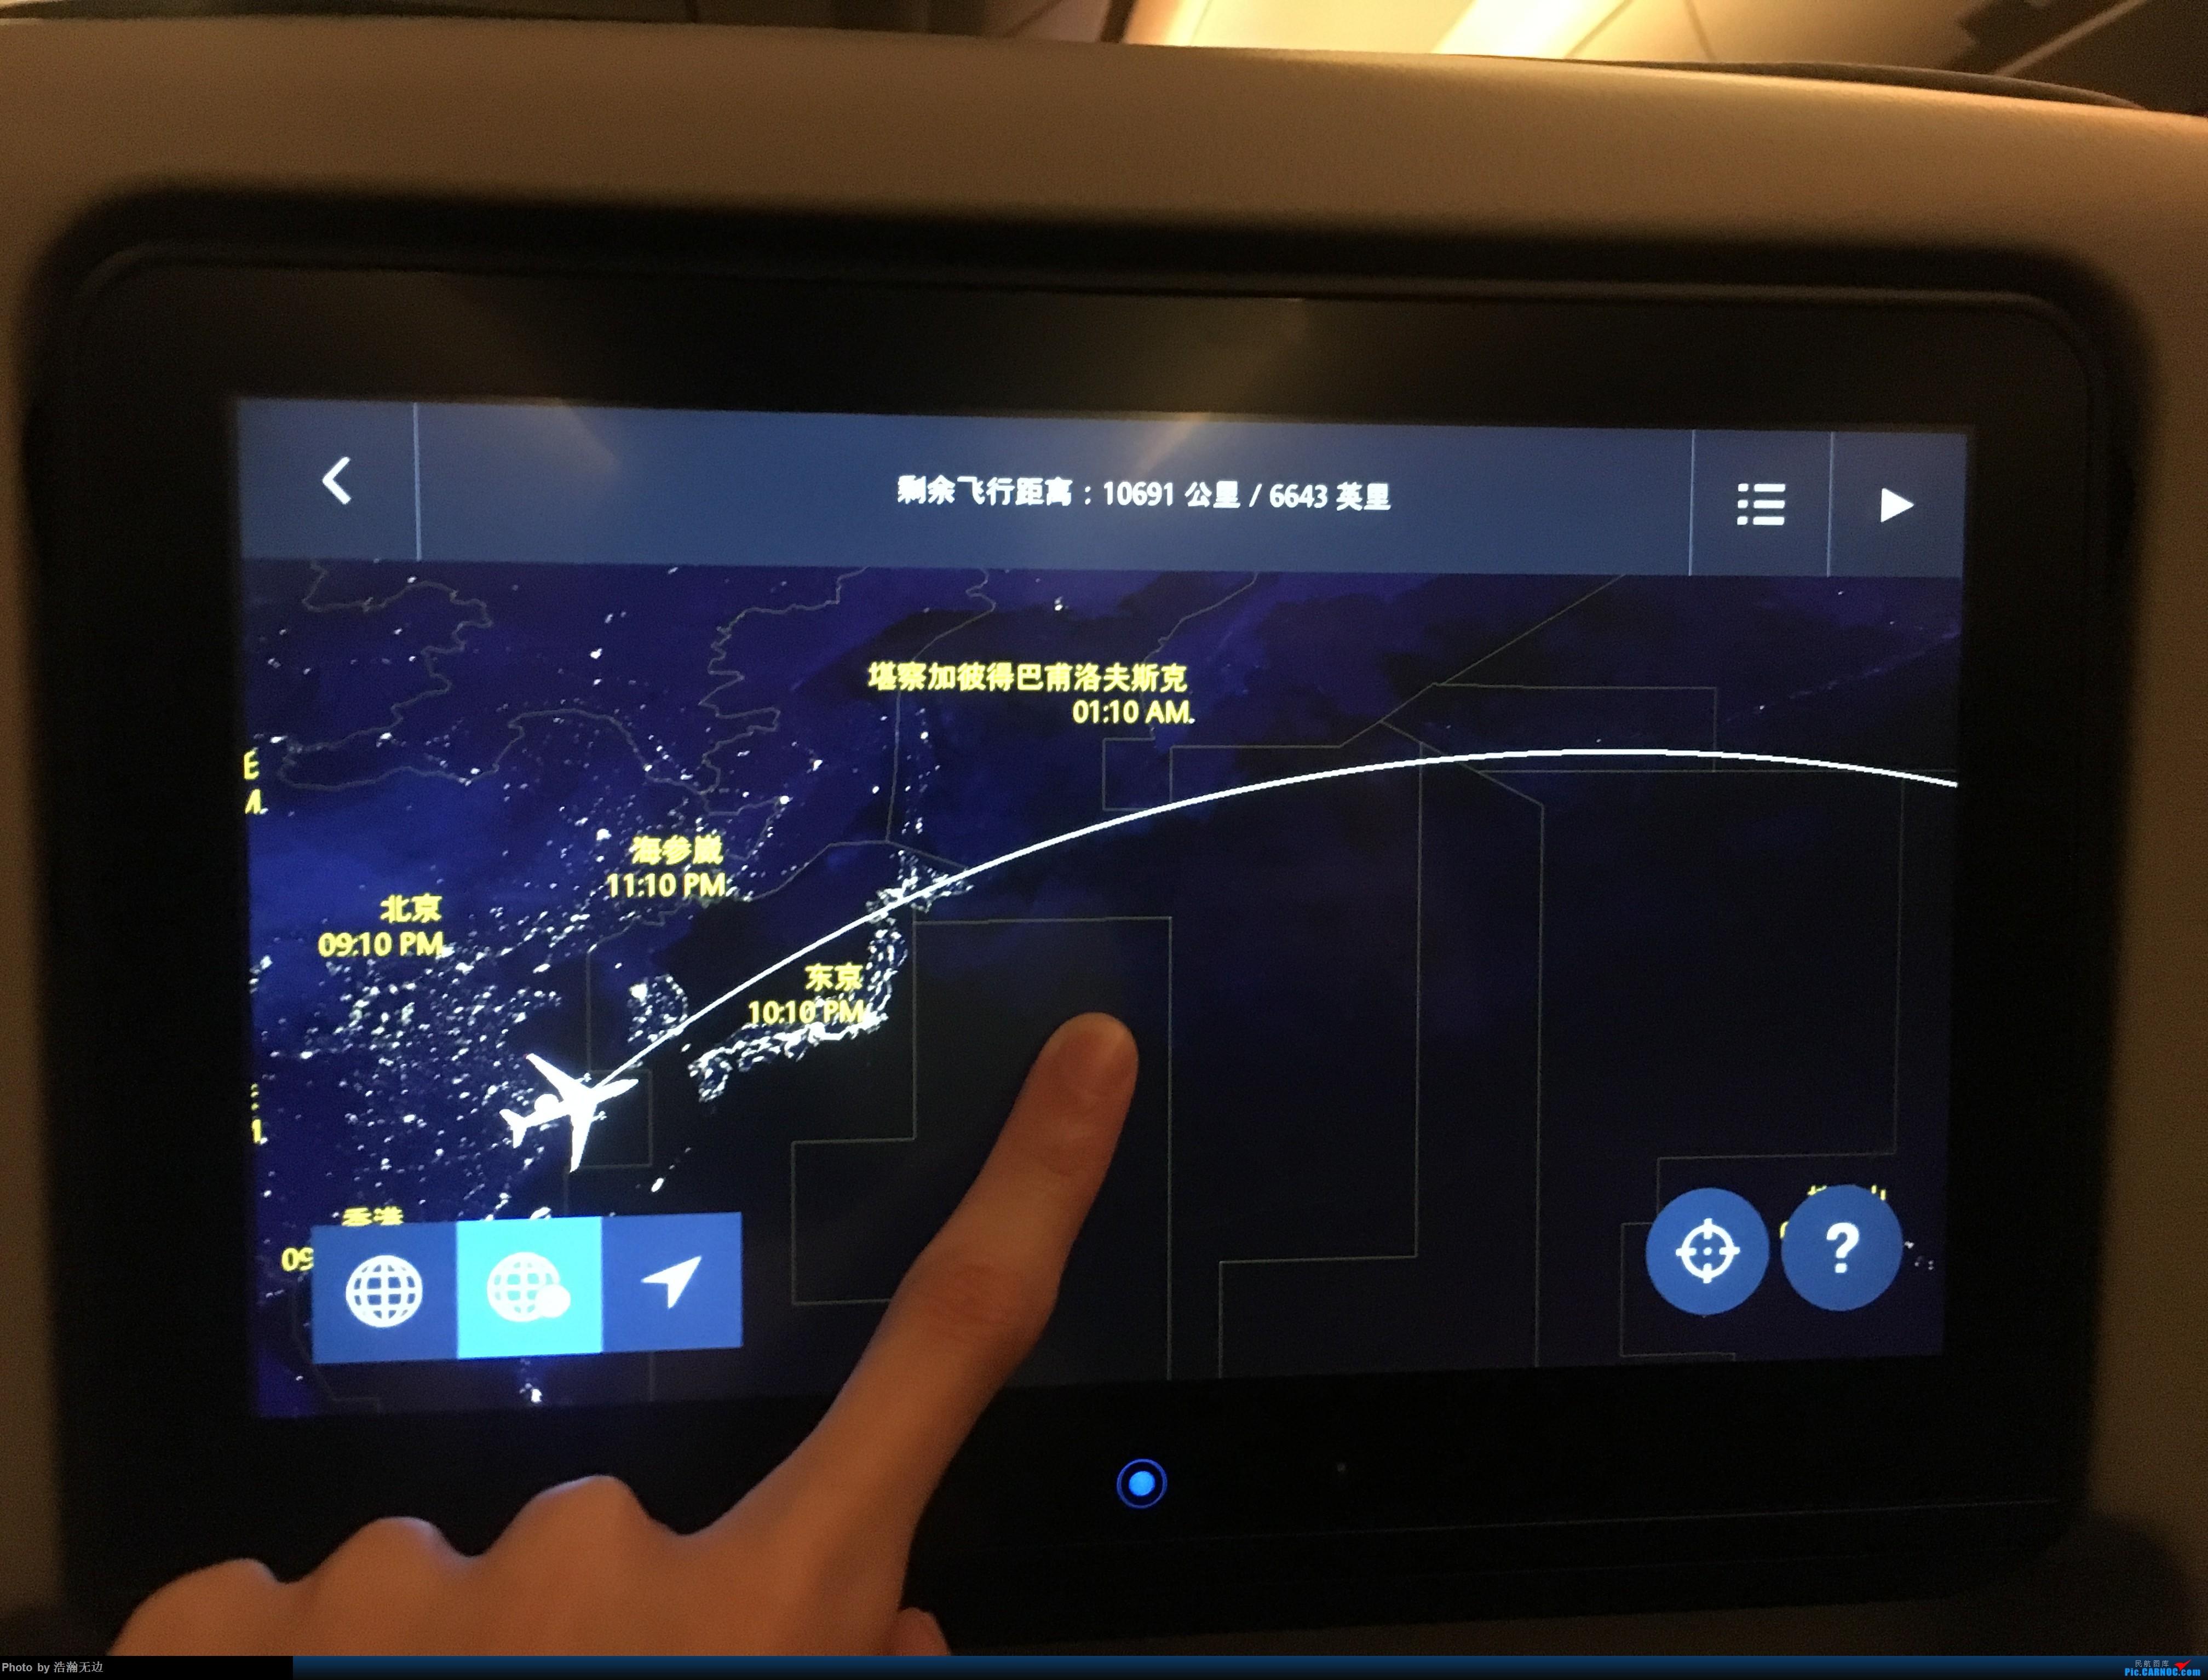 Re:[原创]【美西14日蜜月之旅】前篇:达美航空DL88 A350-900 上海—洛杉矶 自驾2800公里体验粗犷美西